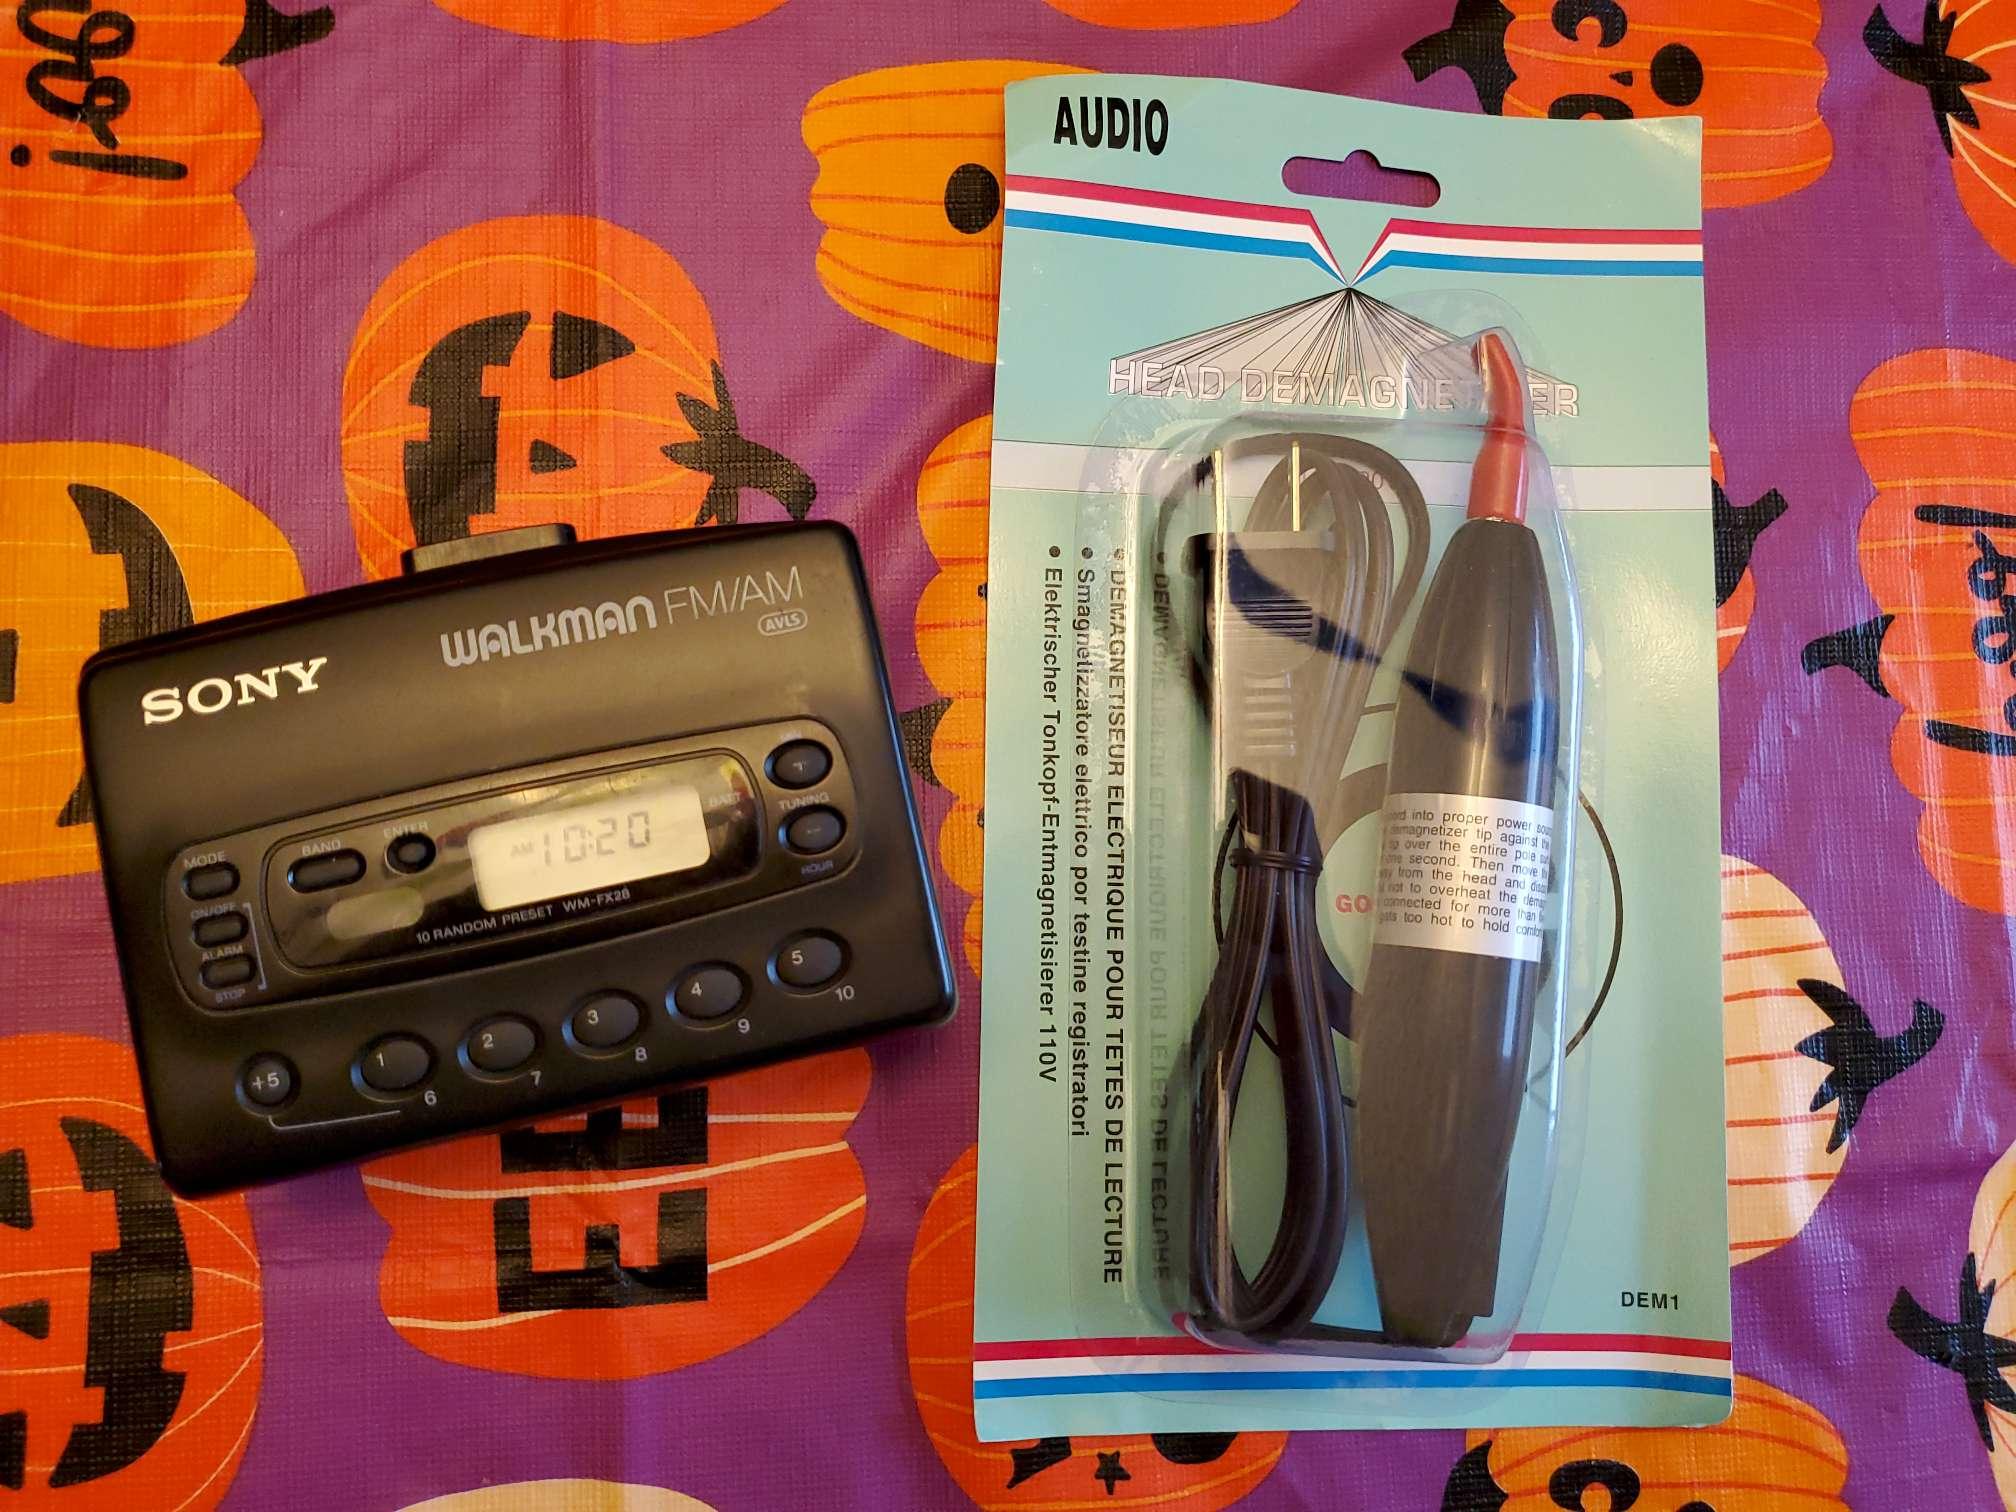 Sony Walkman WM-FX28 with Head Demagnetizer